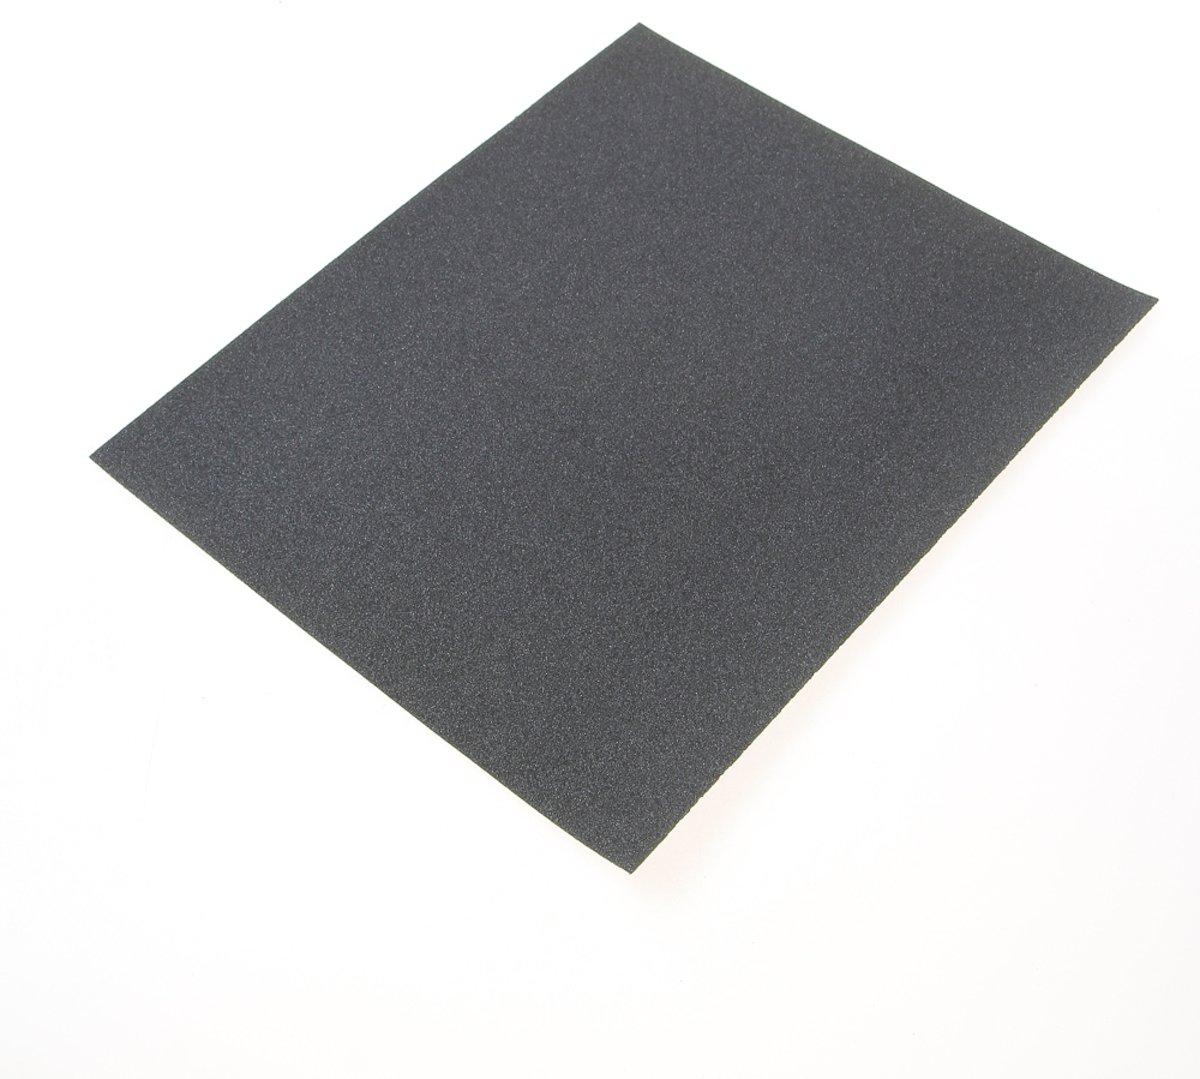 Flexovit Waterproof schuurpapier 23 x 28mm K120 kopen